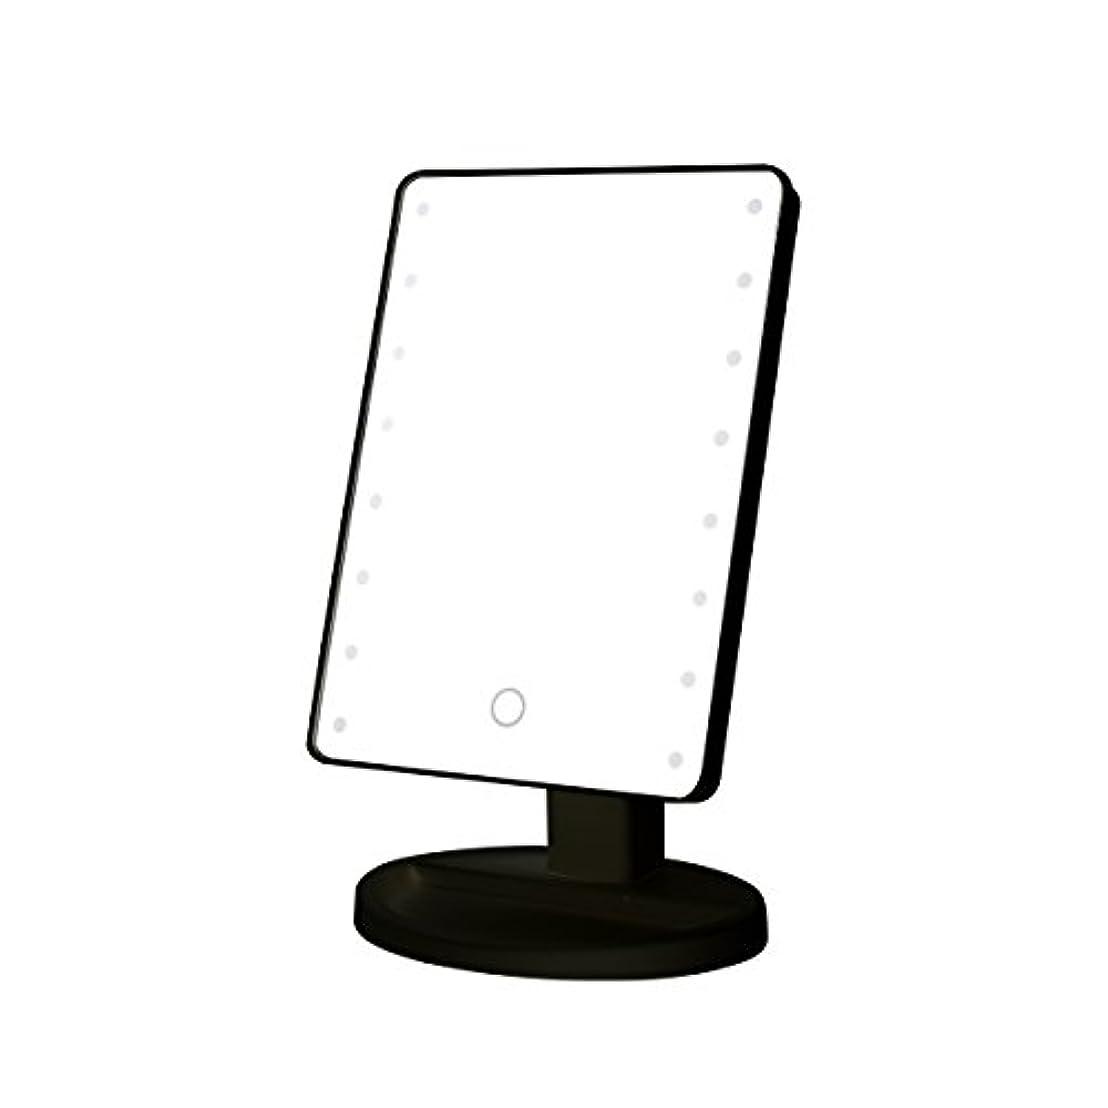 バースしみ司令官B-PING 鏡 卓上 化粧鏡 16LEDライト搭載 女優ミラー 卓上ミラー 180度回転 電池給電 プレゼント メイク 化粧道具 メイクアップミラー (ブラック )